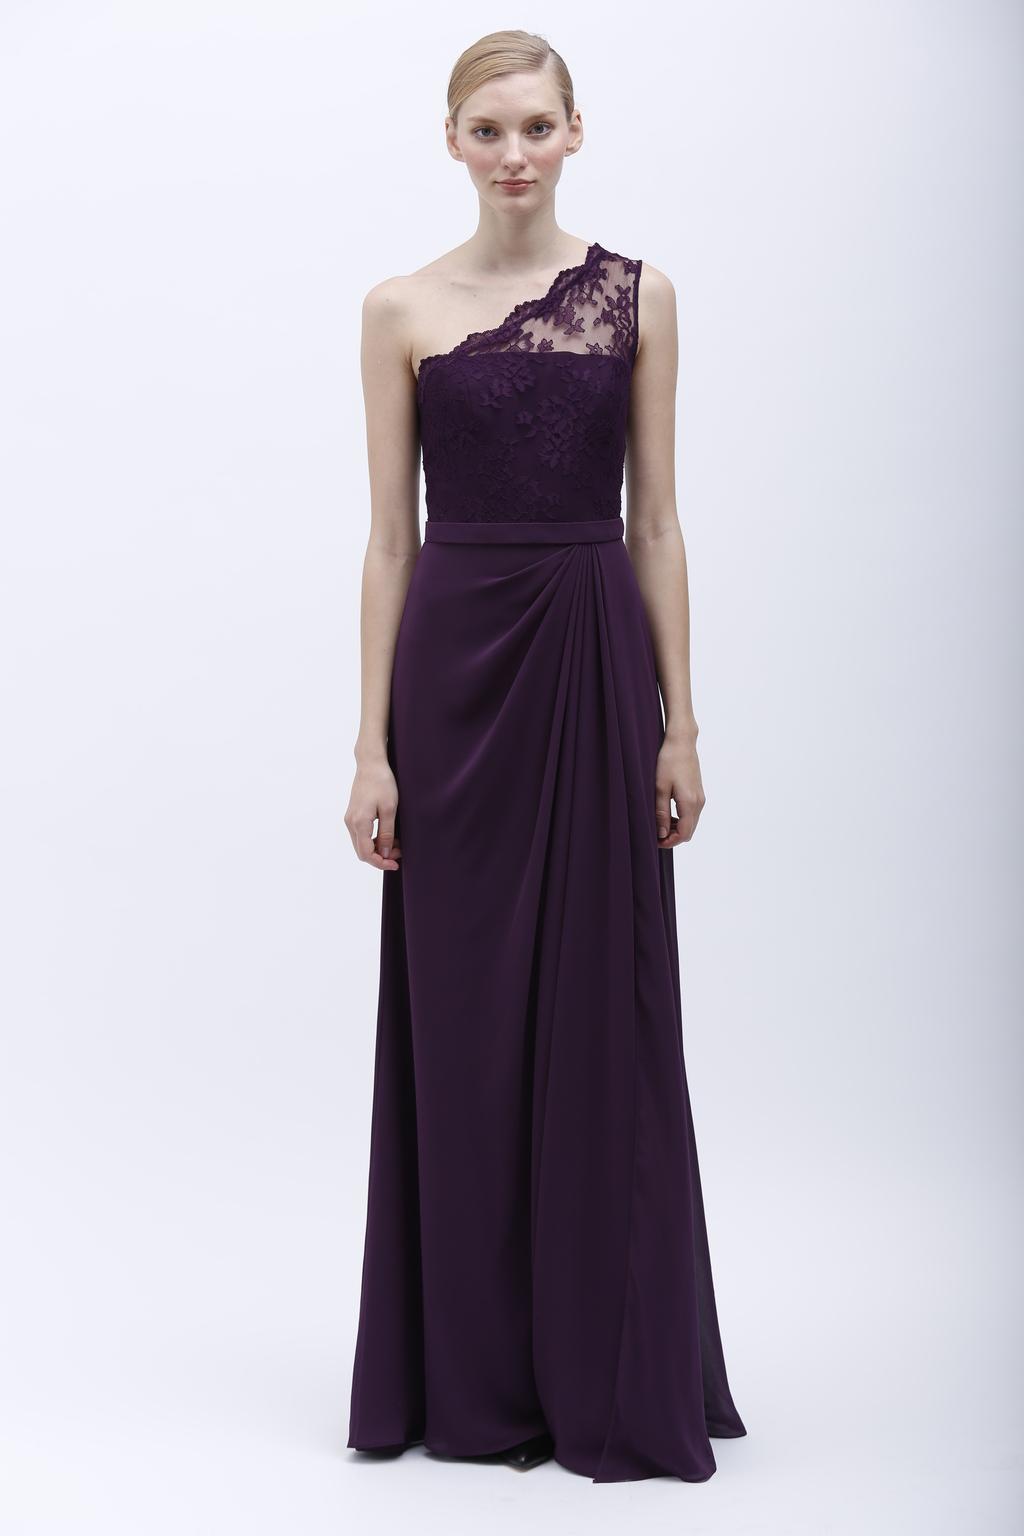 Monique lhuillier spring 2014 bridesmaid dress 450154 plum for Buy monique lhuillier wedding dress